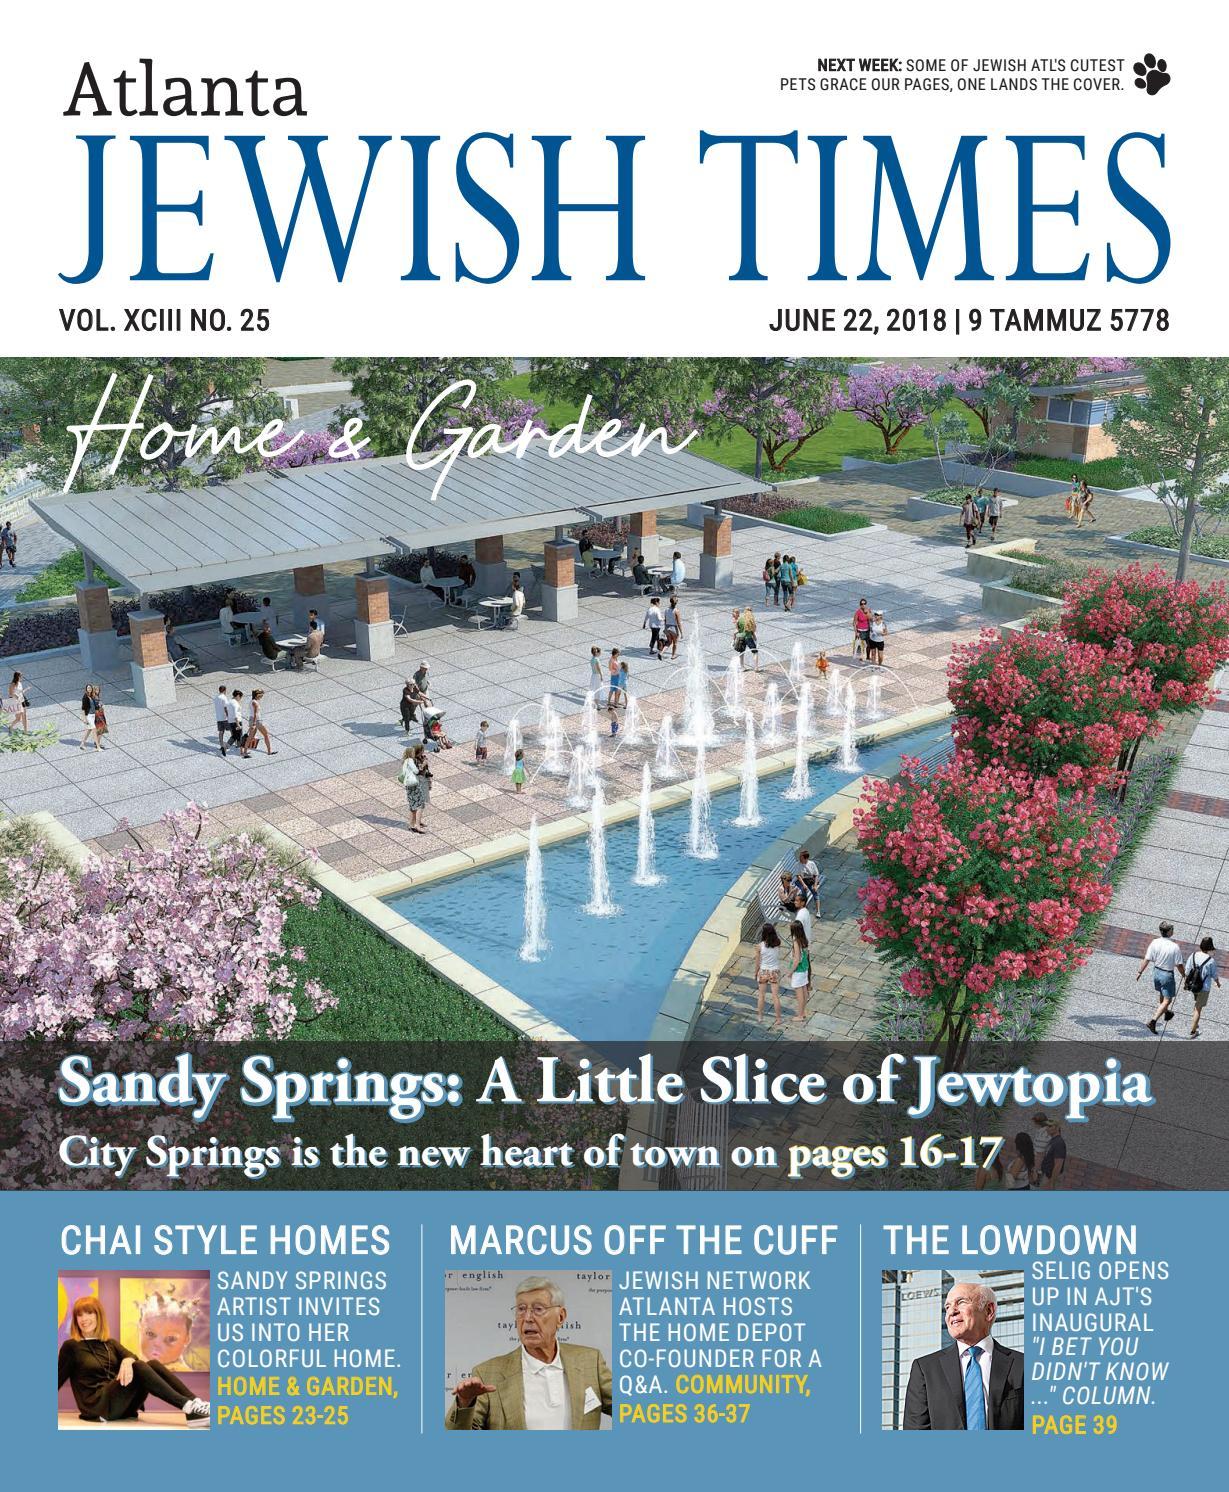 a080e707c41 Atlanta Jewish Times, Vol. XCIII No. 25, June 22, 2018 by Atlanta Jewish  Times - issuu